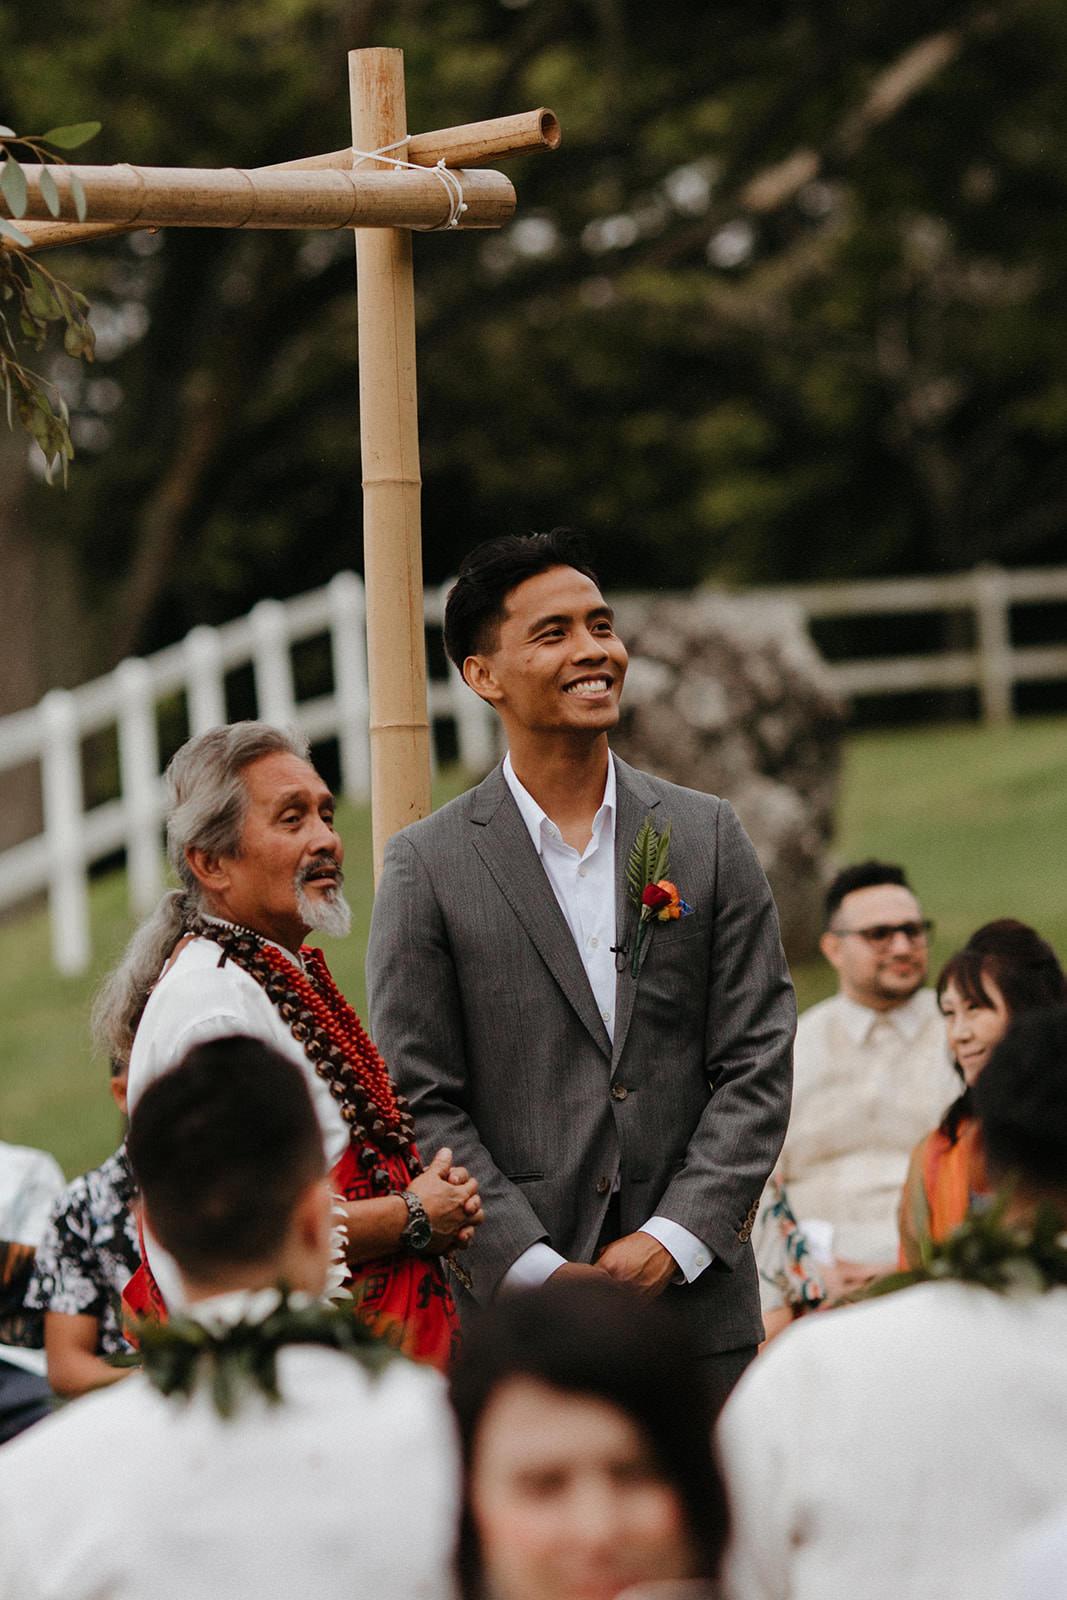 Kualoa_Hawaii_wedding_paliku23.jpg